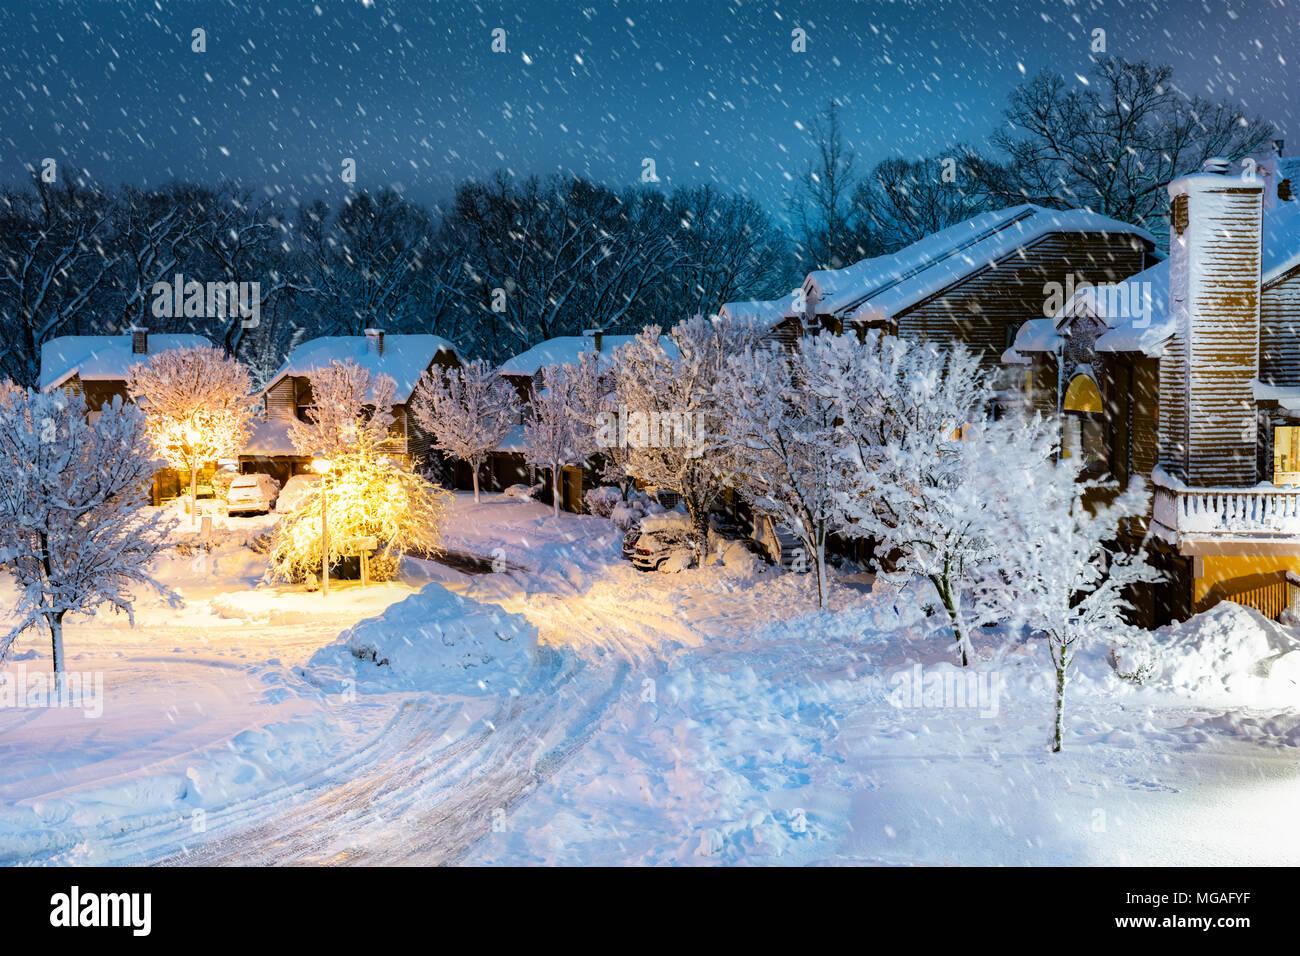 Nacht Schneefall in einem neuen Jersey Dorf mit Holzhäusern. Stockfoto